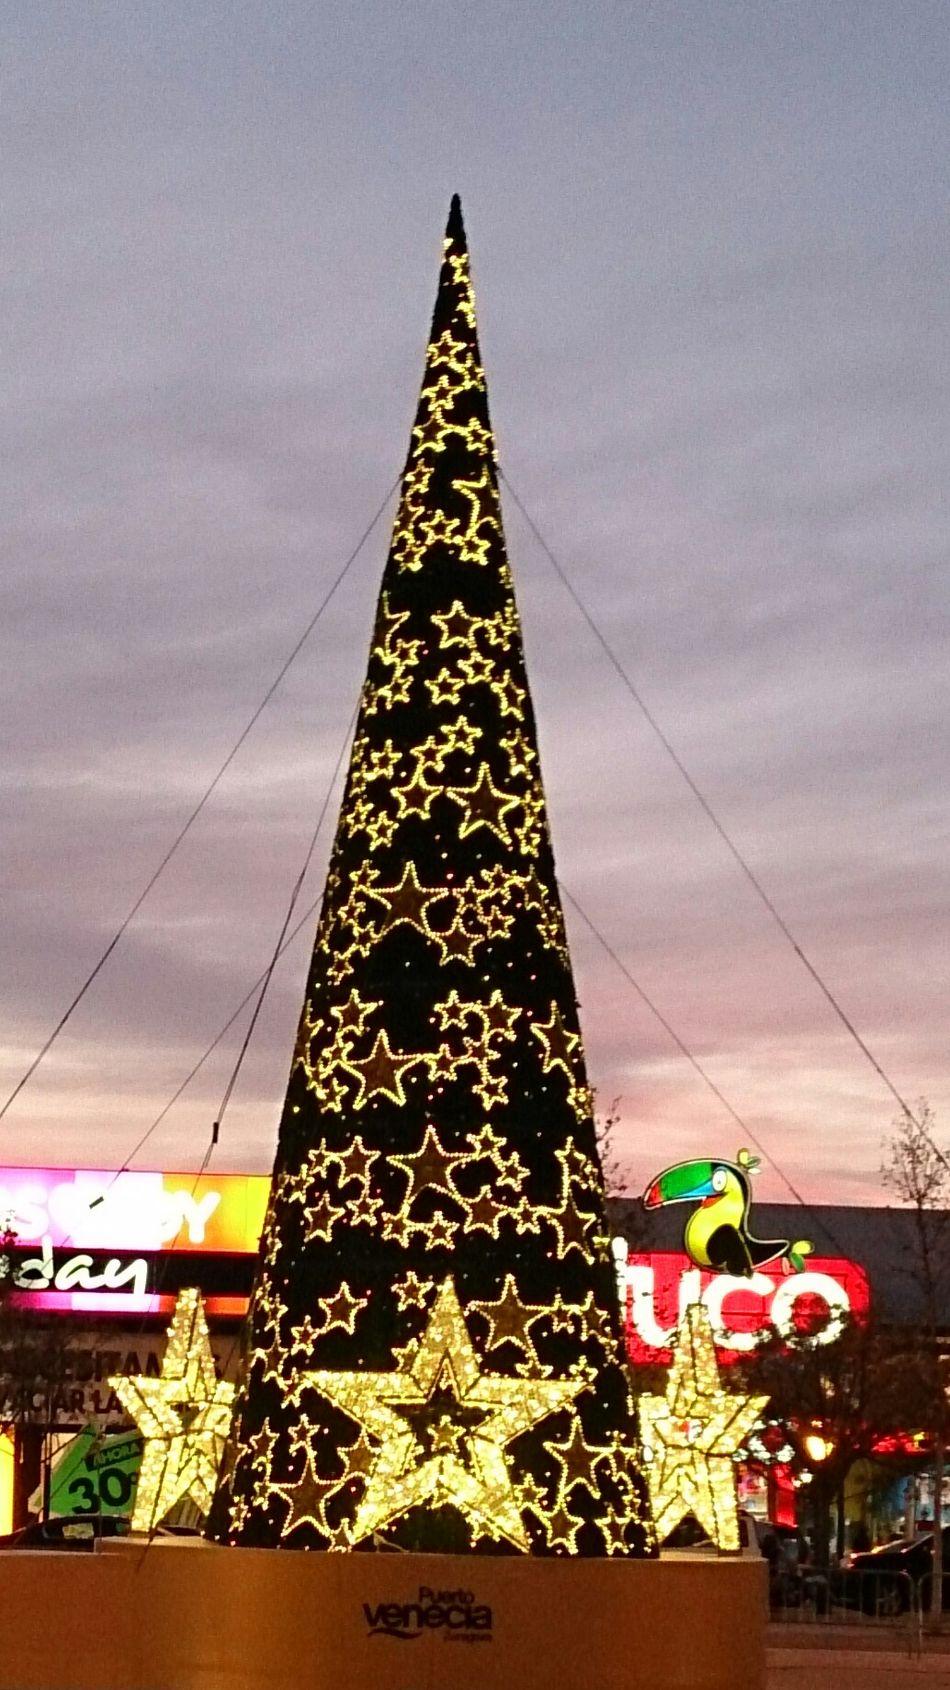 El Arbol De Navidad de Puerto Venecia